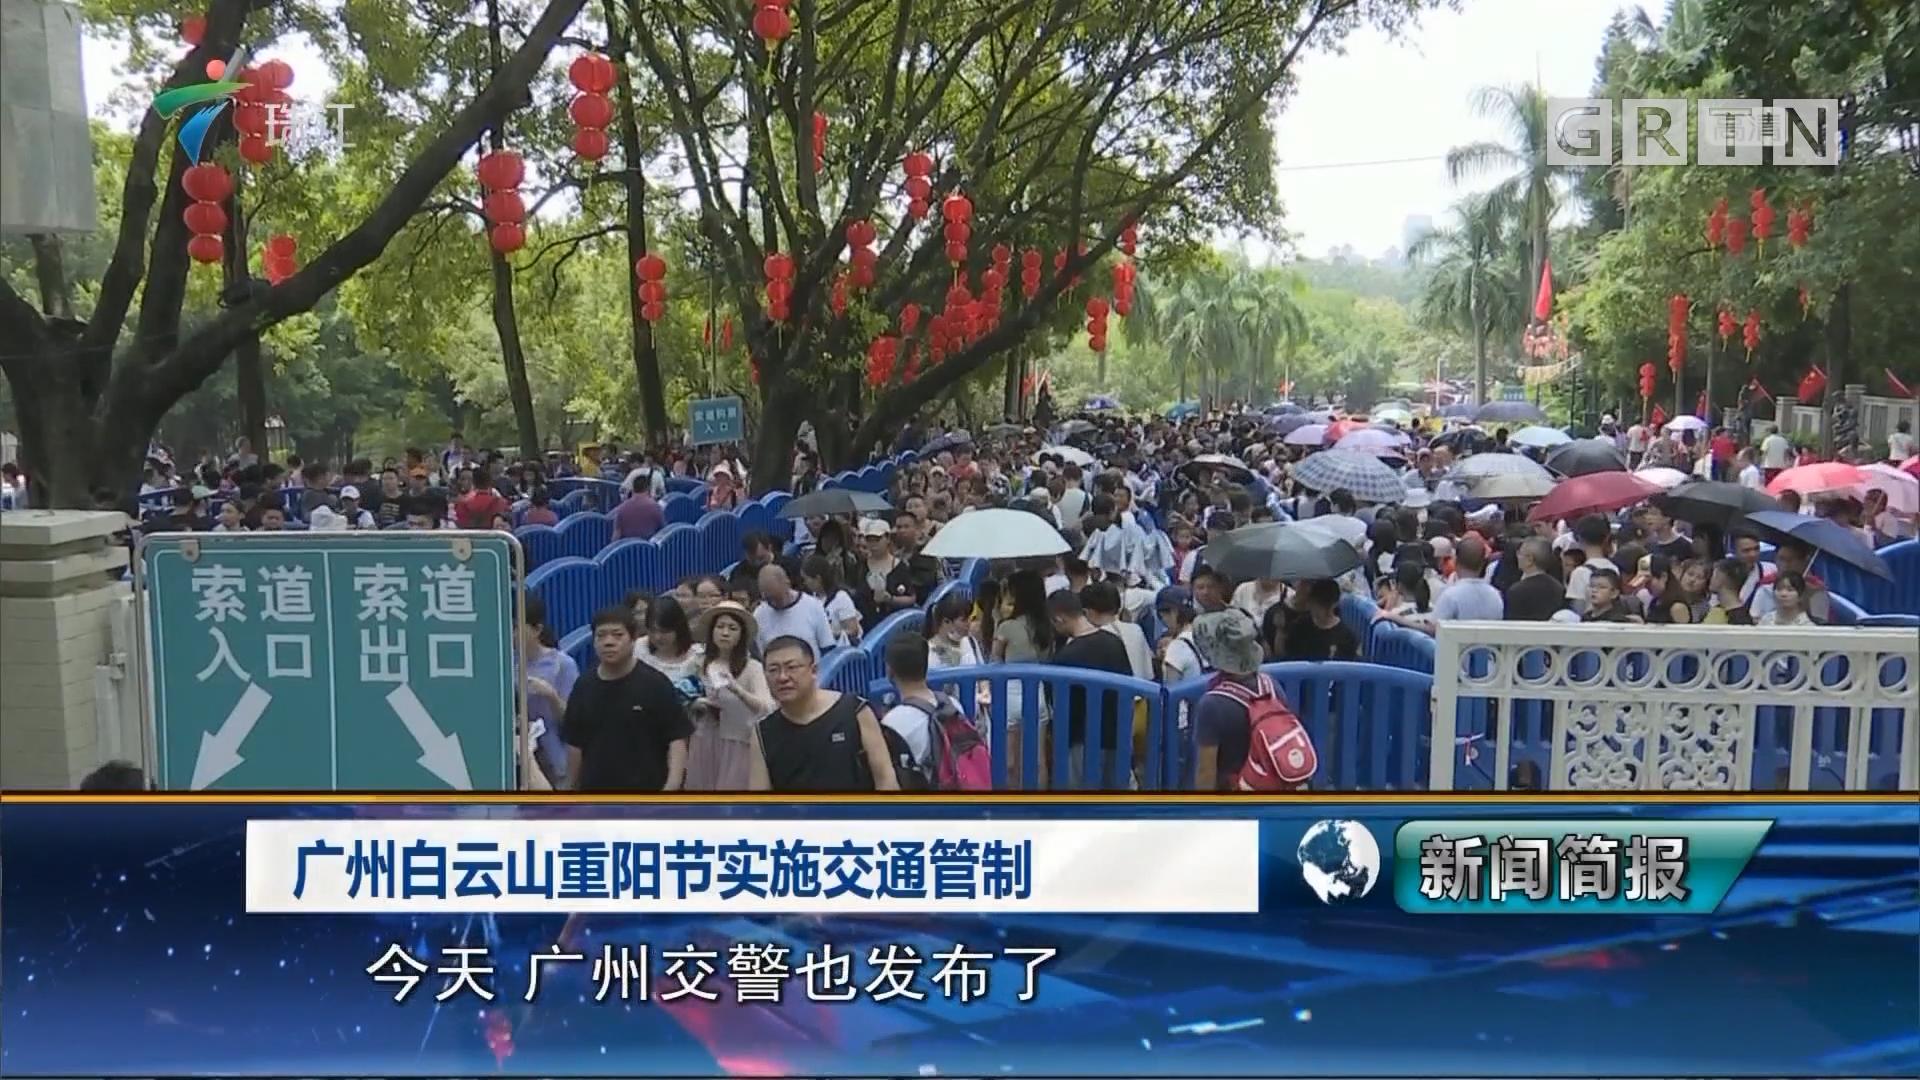 廣州白云山重陽節實施交通管制